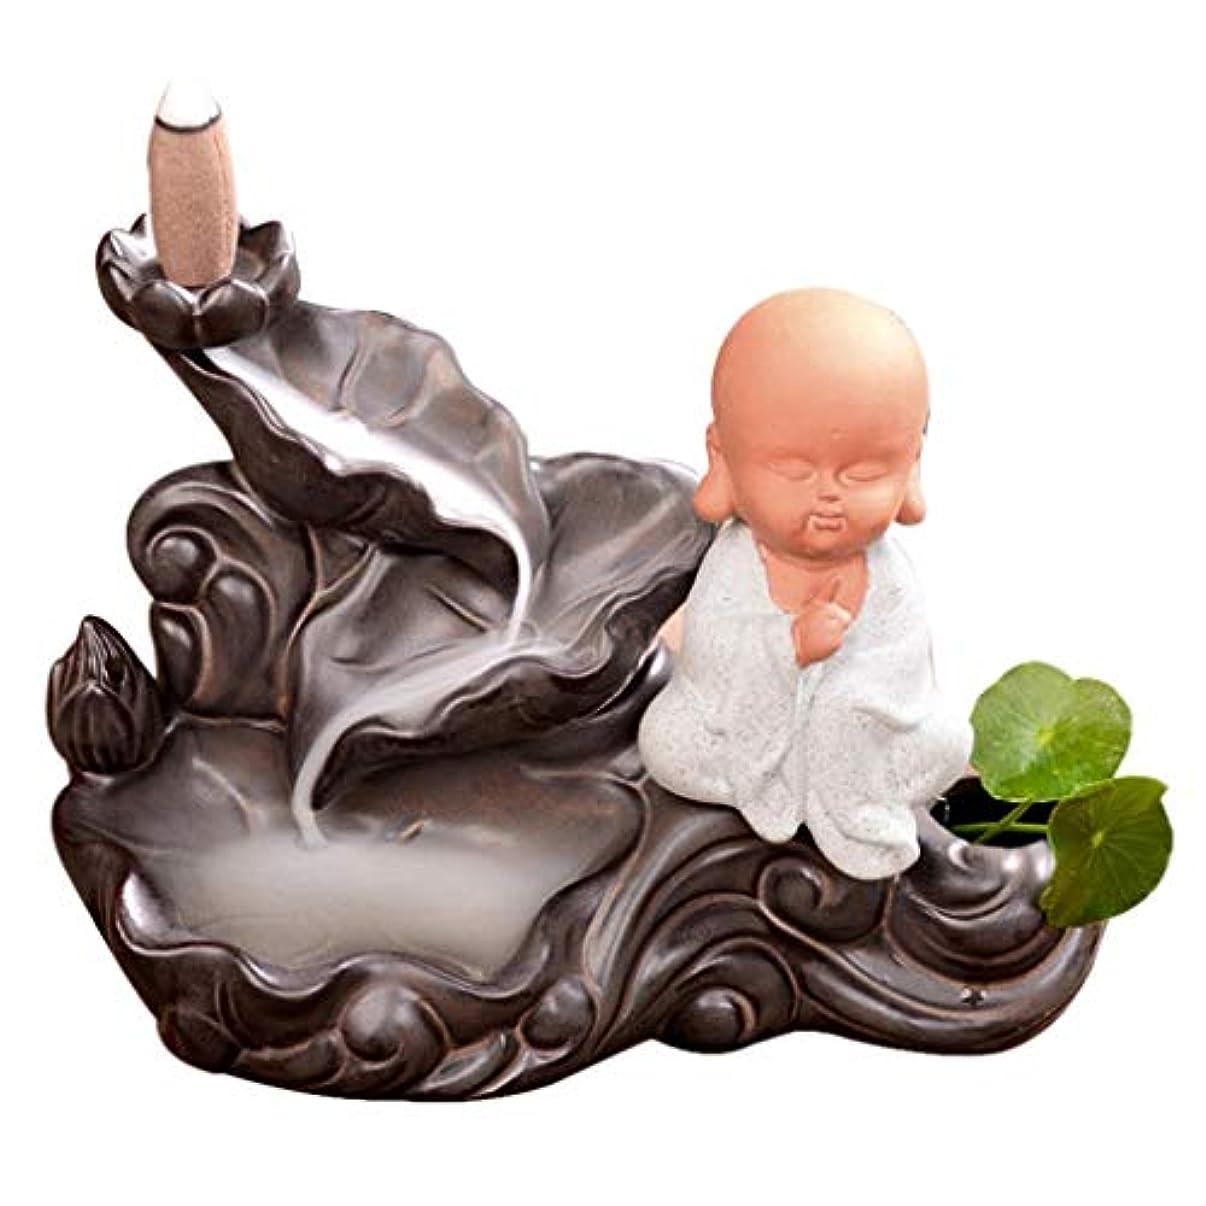 ホームアロマバーナー リトルモンクロータス逆流香炉家の装飾セラミック香炉煙ホルダー仏教香炉コーンベース 芳香器アロマバーナー (Color : B)